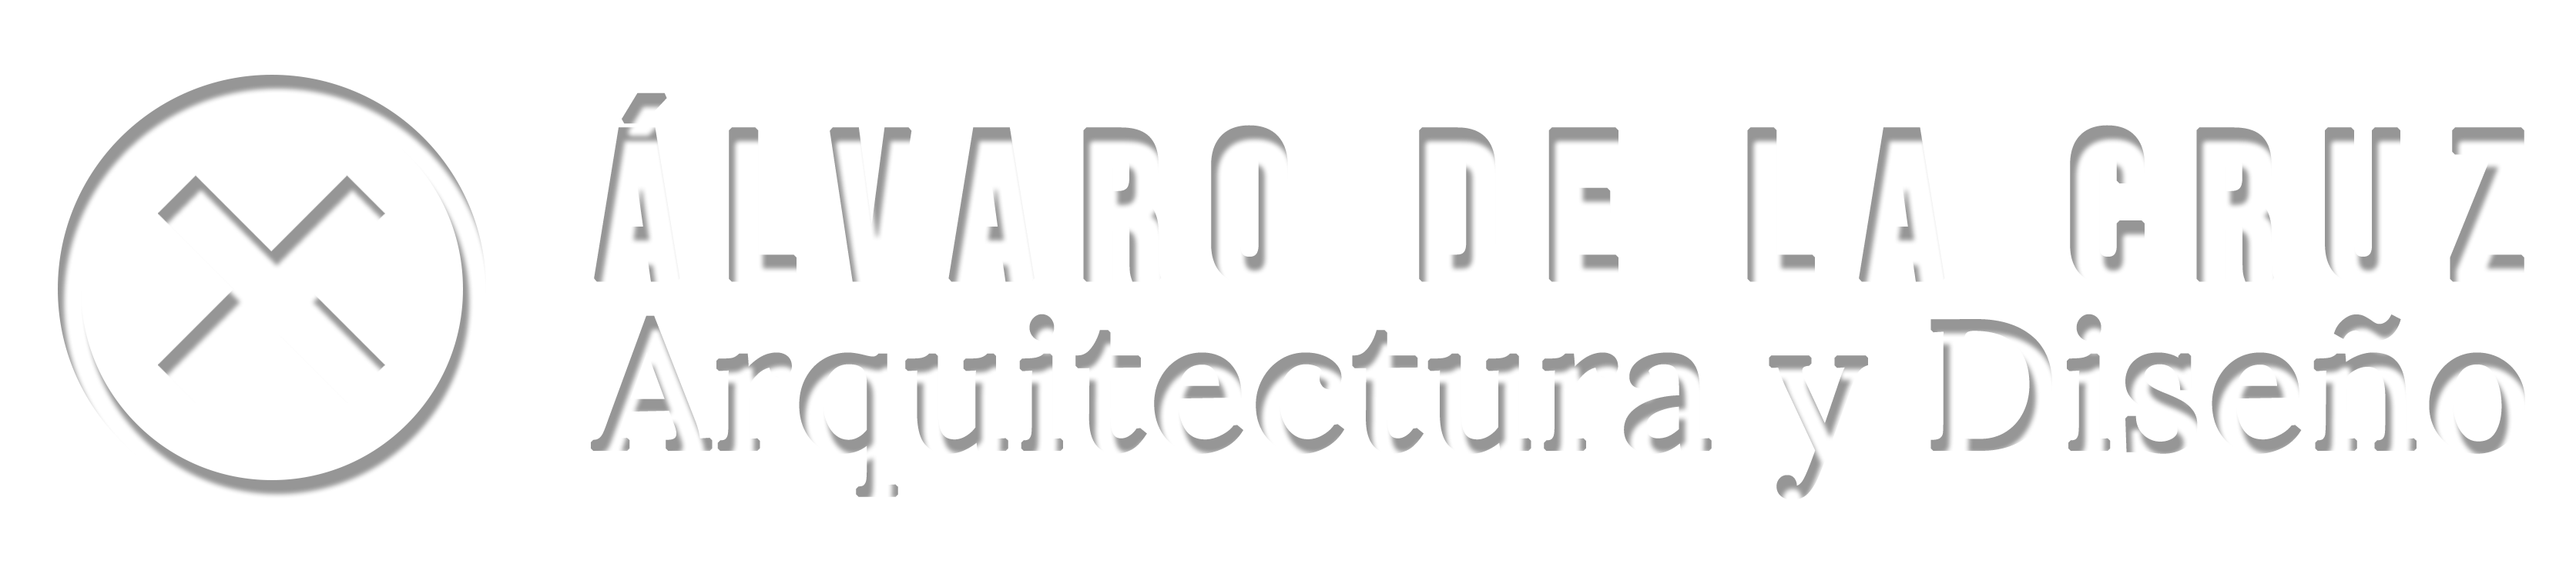 Alvaro de la Cruz Arquitectura y Diseño – Estudio de Arquitectura en Talavera de la Reina, arquitectos toledo, arquitectos talavera, arquitectos ávila, arquitectos valladolid